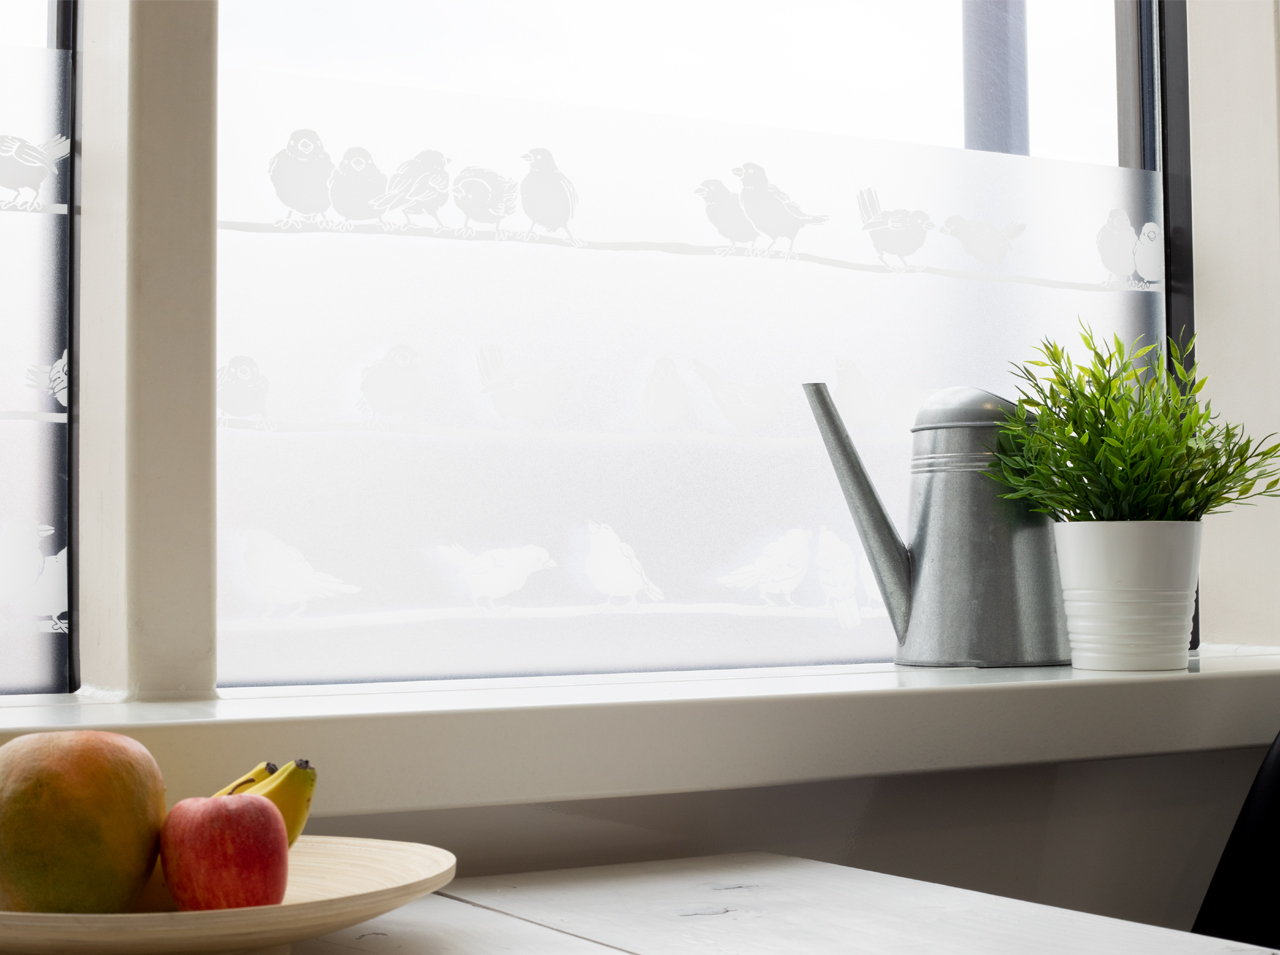 Full Size of D C Home Sichtschutz Fr Deine Fenster Tauschen Marken Gebrauchte Kaufen Sichern Gegen Einbruch Putzen Schallschutz Einbruchschutz Folie Flachdach Fenster Sichtschutz Fenster